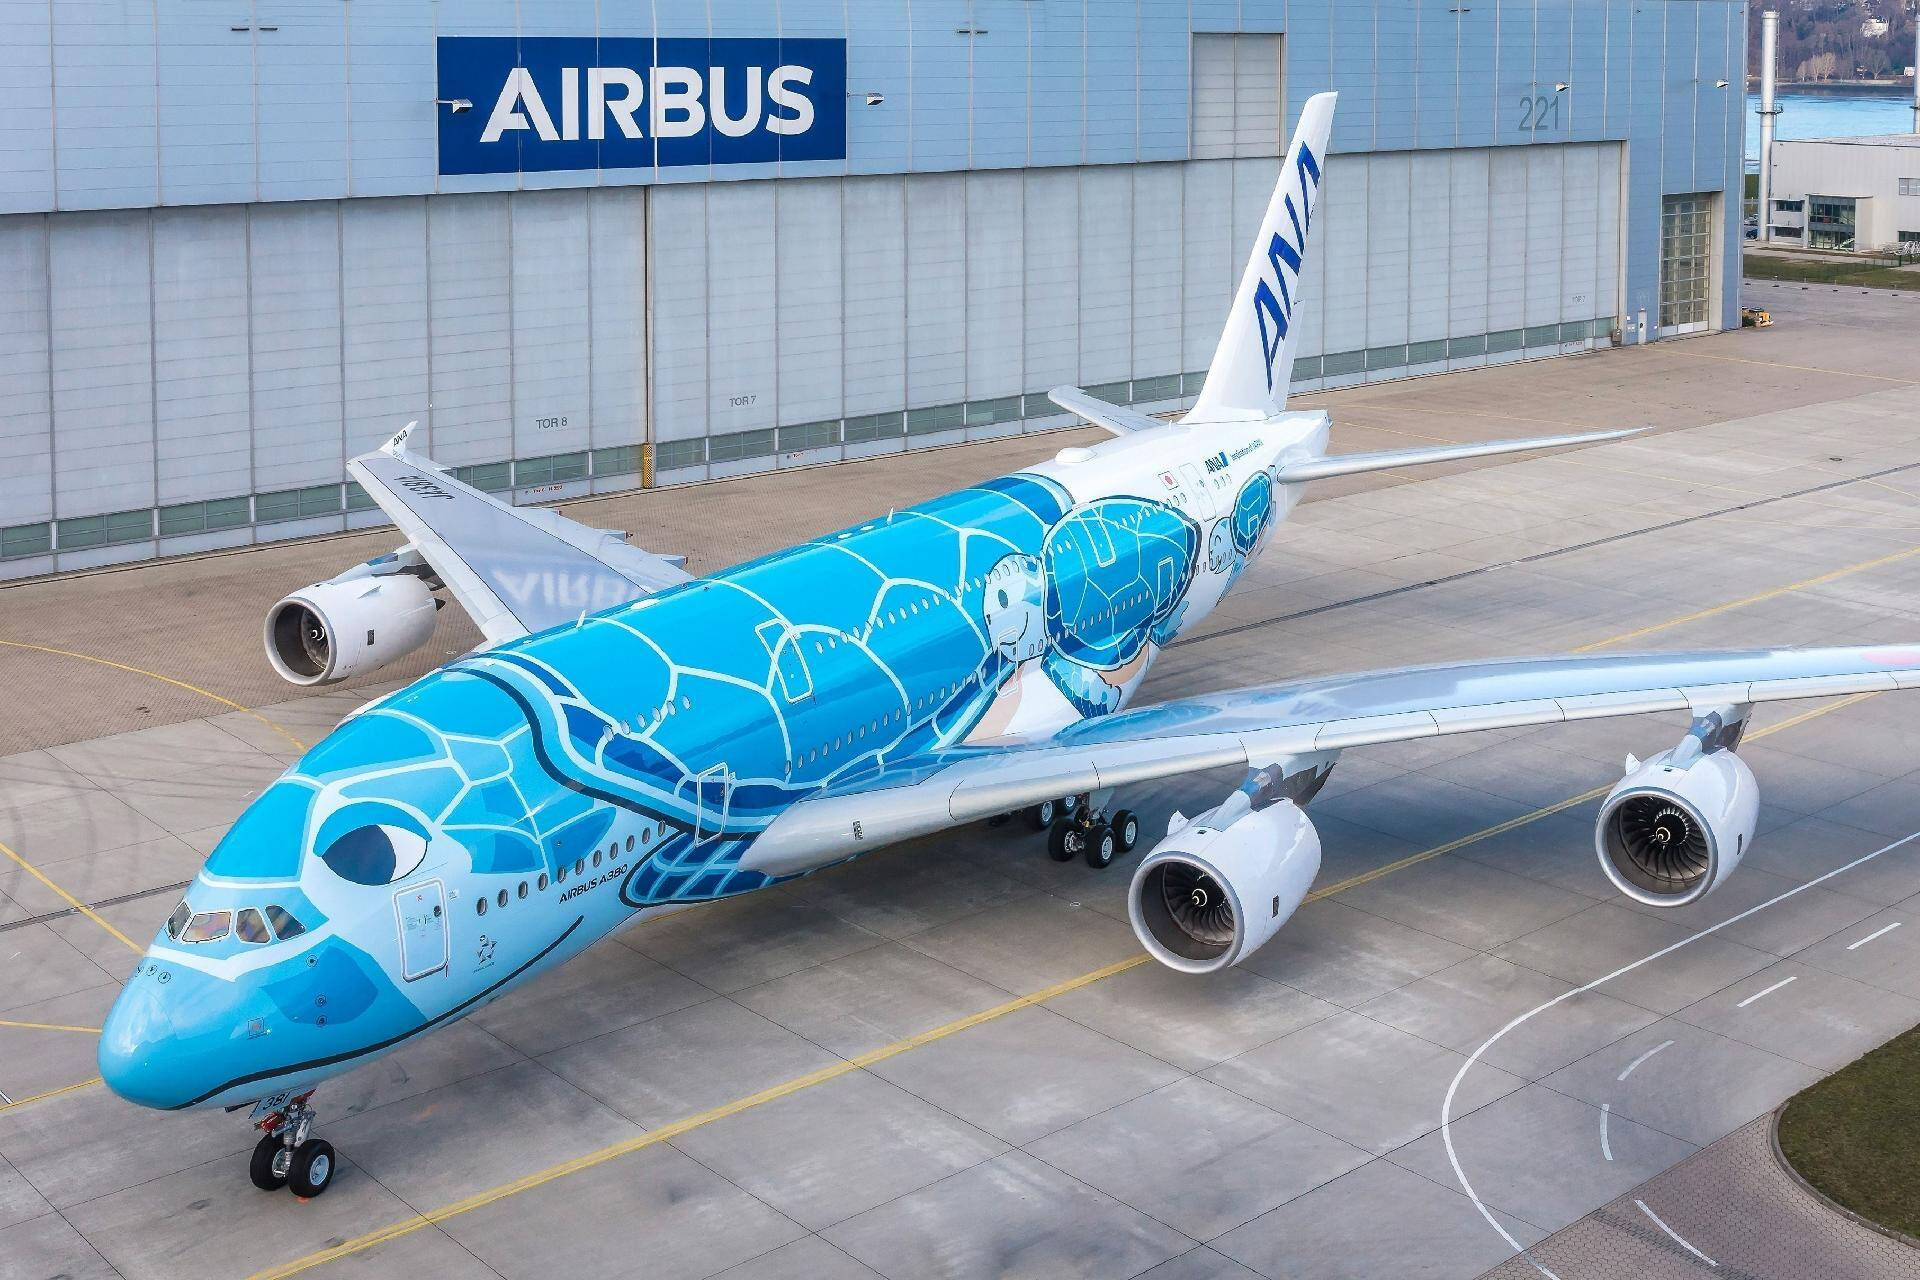 A380 da companhia aérea japonesa ANA (All Nippon Airways), com pintura de tartaruga marinha do Havaí (EUA).. Foto: Divulgação